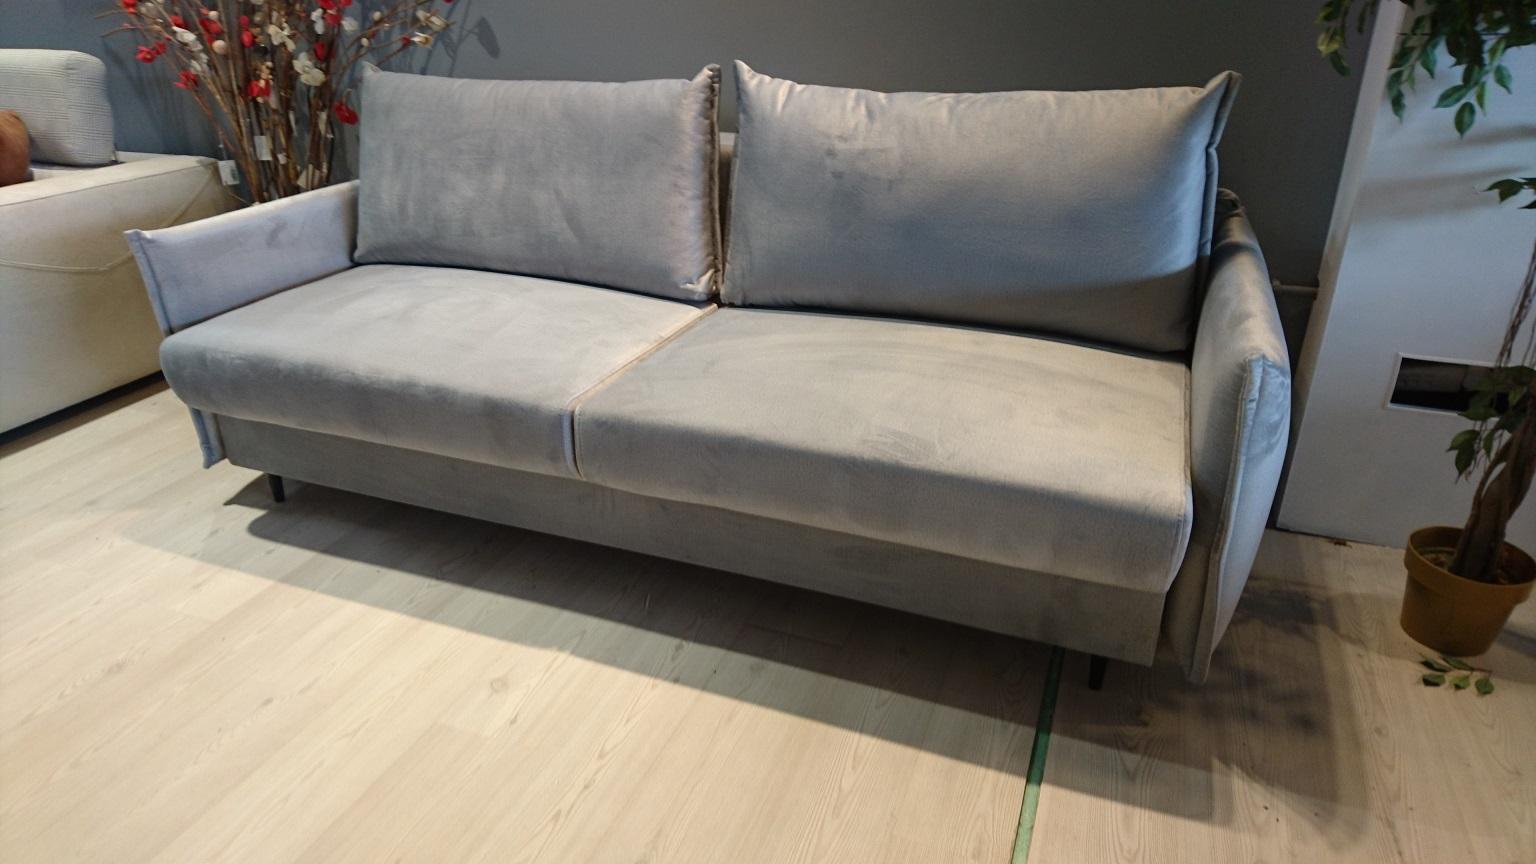 EGO Caya Design Warszawa meble STUDIO KOMFORT sofa z funkcją spania i pojemnikiem tkanina MONOLITH 84